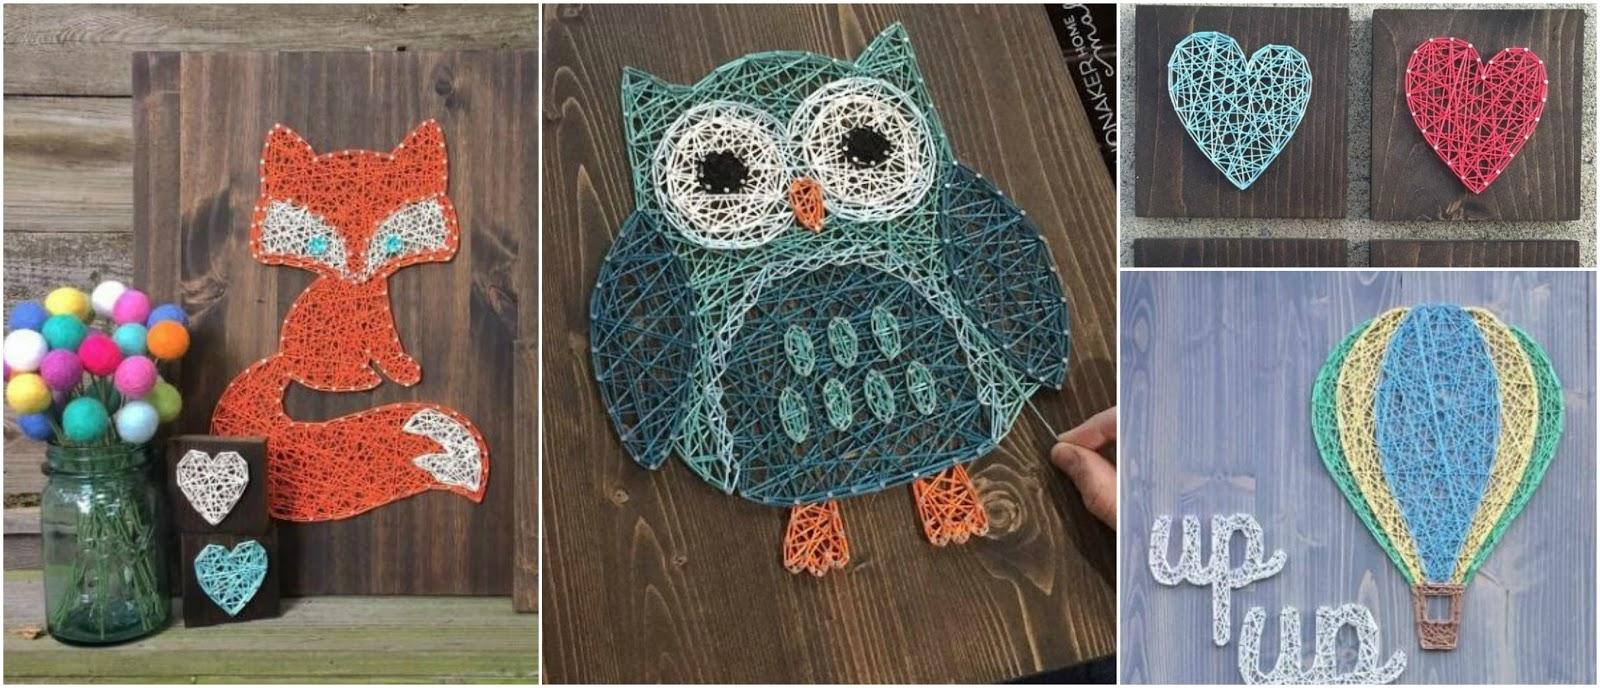 Aprende c mo hacer cuadros decorativos con hilos y clavos - Hacer cuadros decorativos ...